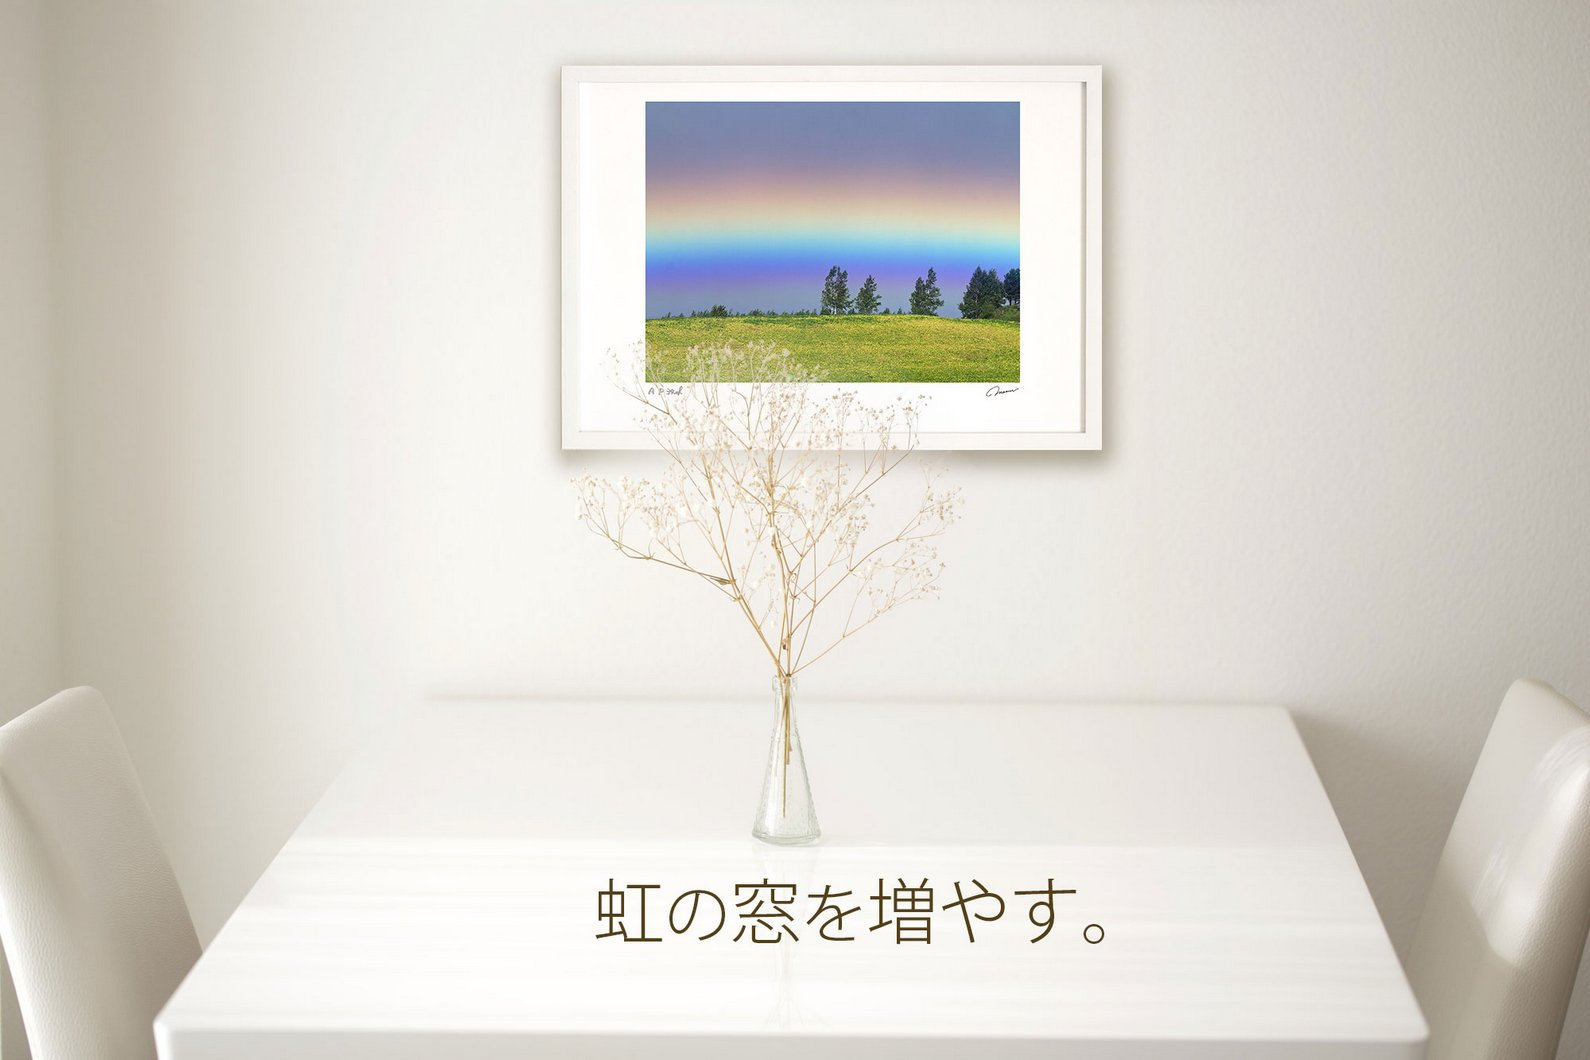 《アートフォト》哲学の木1/美瑛町〔富良野・高橋真澄〕(レンタル対象)